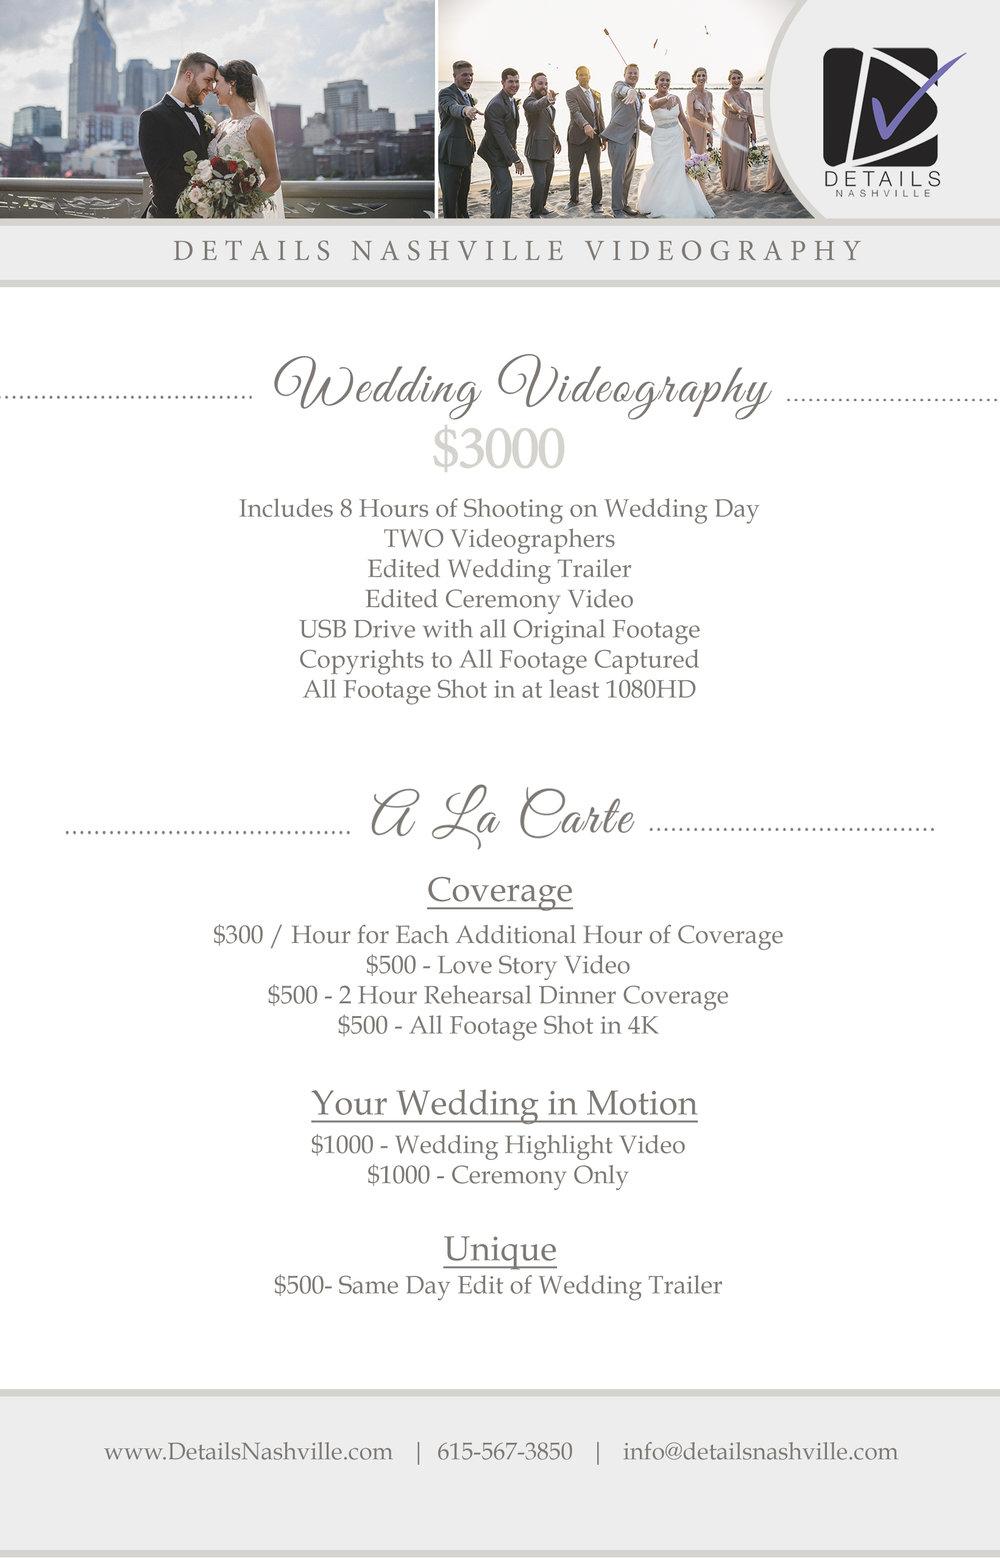 Details Nashville Wedding Videography